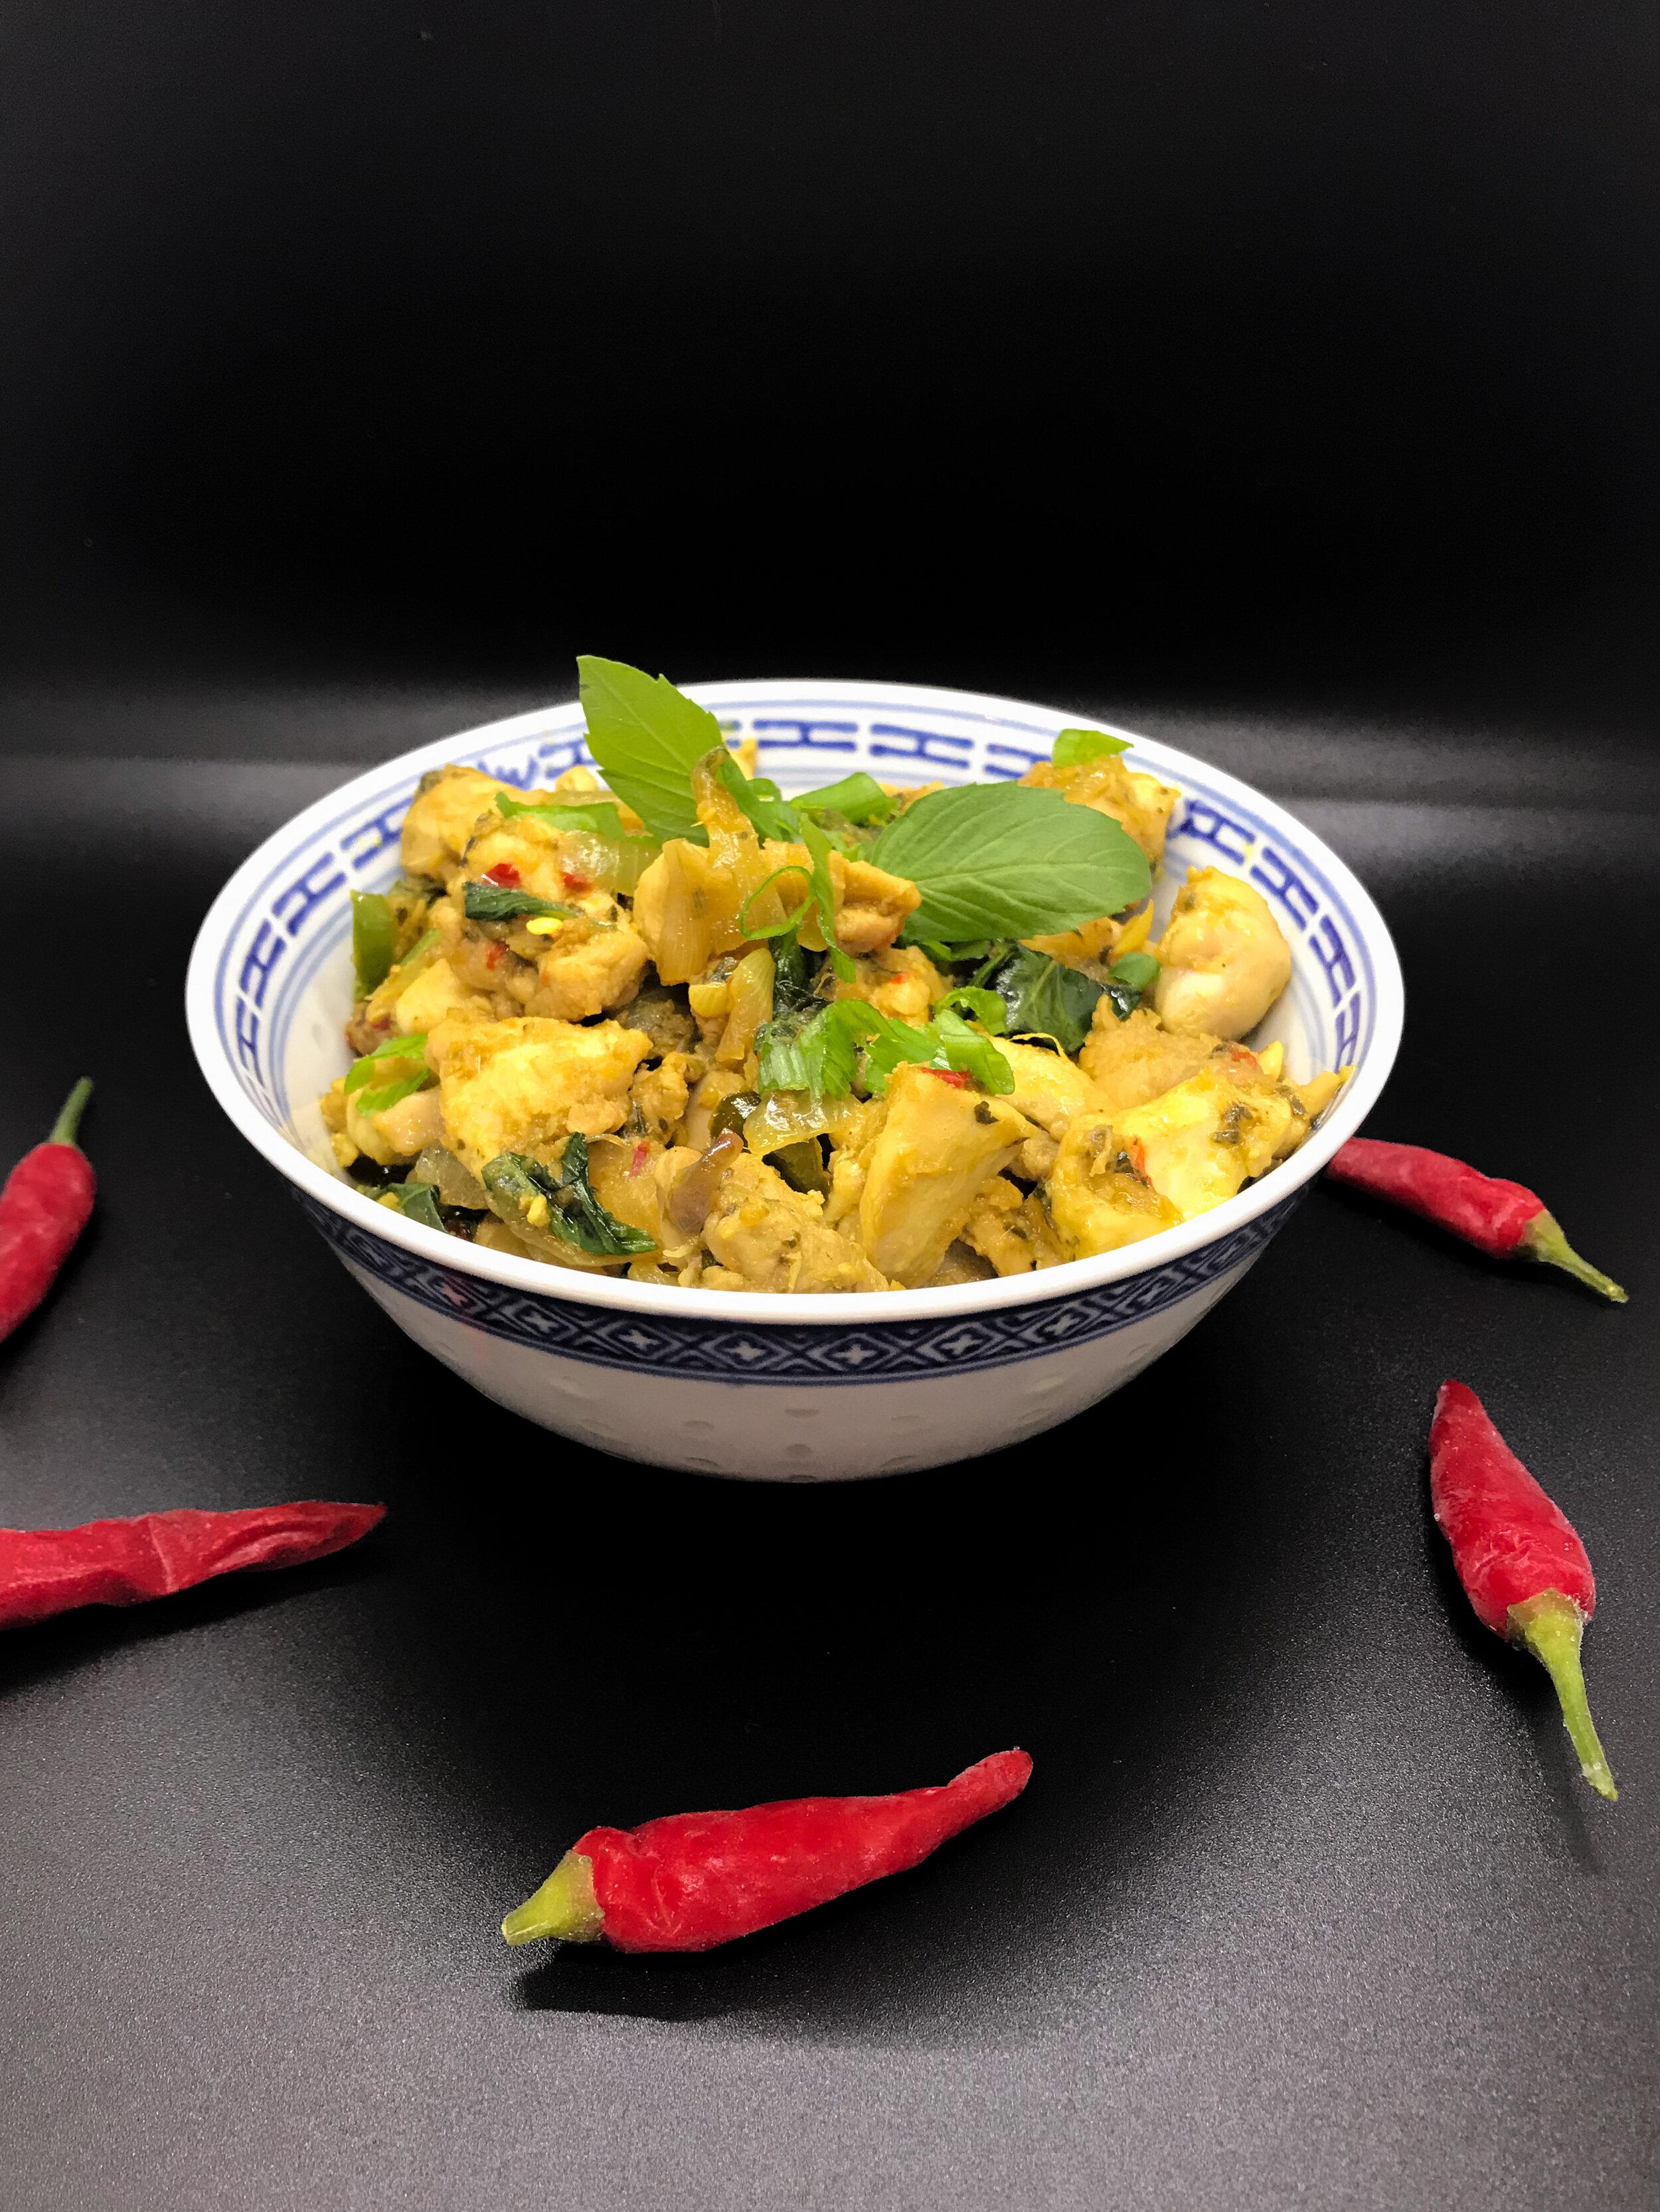 Cha Kroeung Sach Moan Cambodian Lemongrass Chicken Stir Fry Wai Lifestyle